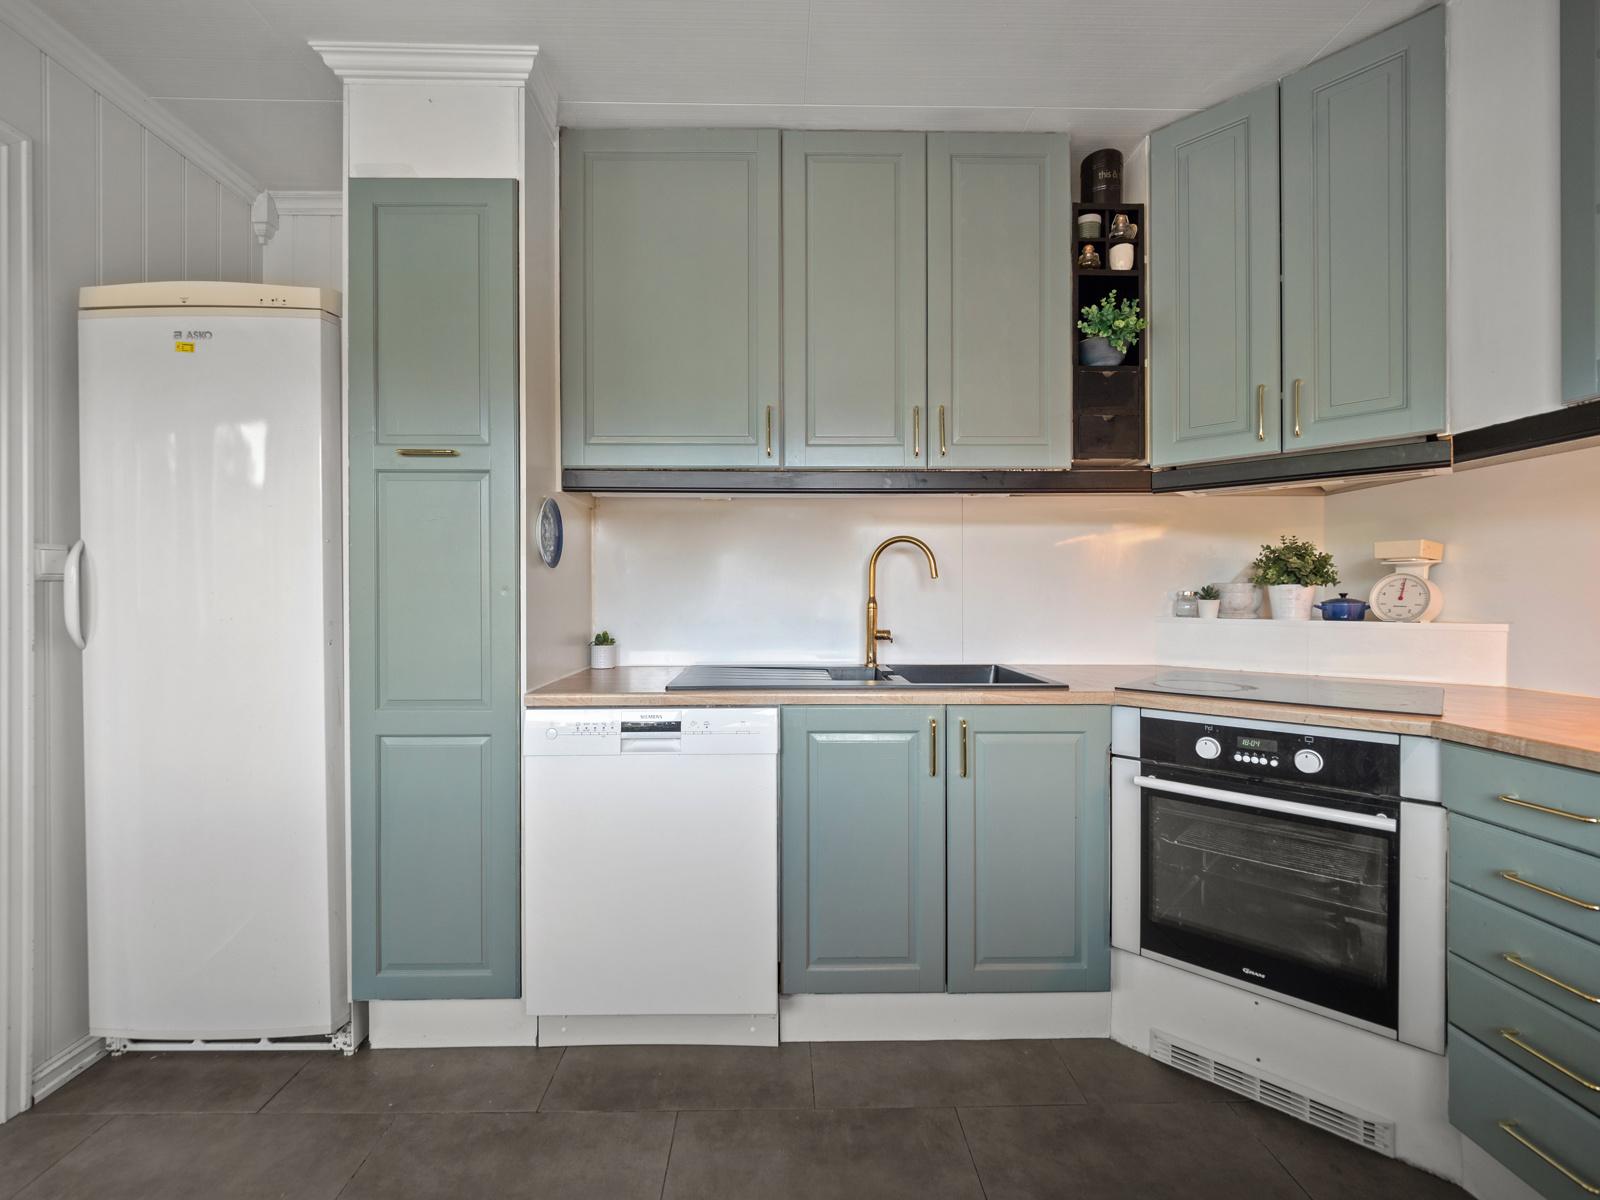 Innredning med integrert platetopp og stekeovn - Videre er det oppvaskmaskin og avsatt plass til kjøl/frys